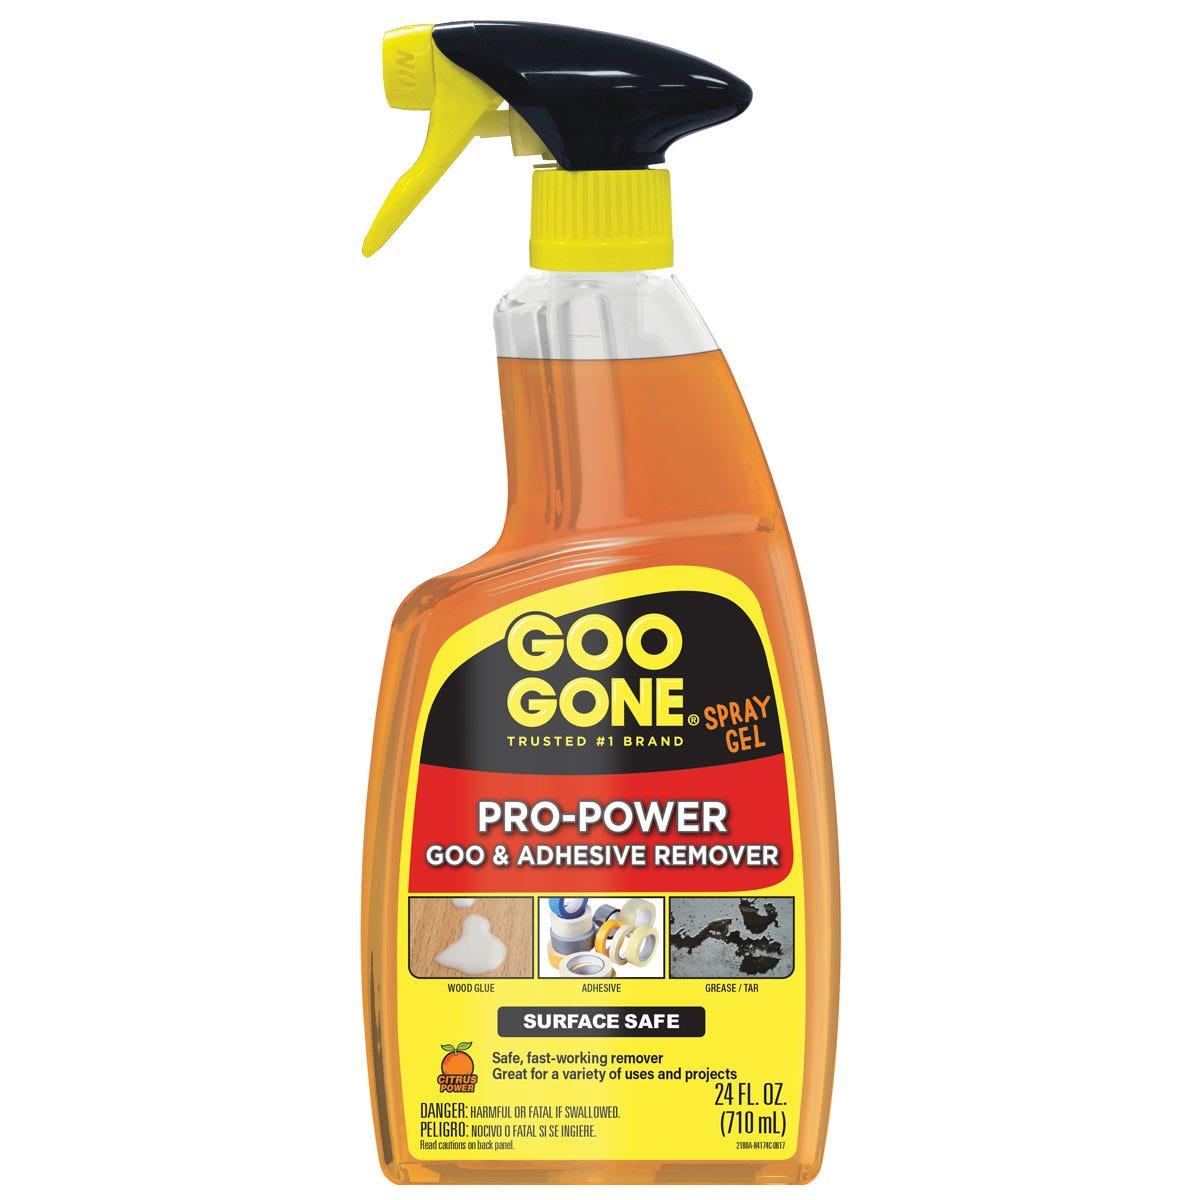 https://googone.com/media/catalog/product/p/r/pro-power-spray-gel_front.jpg